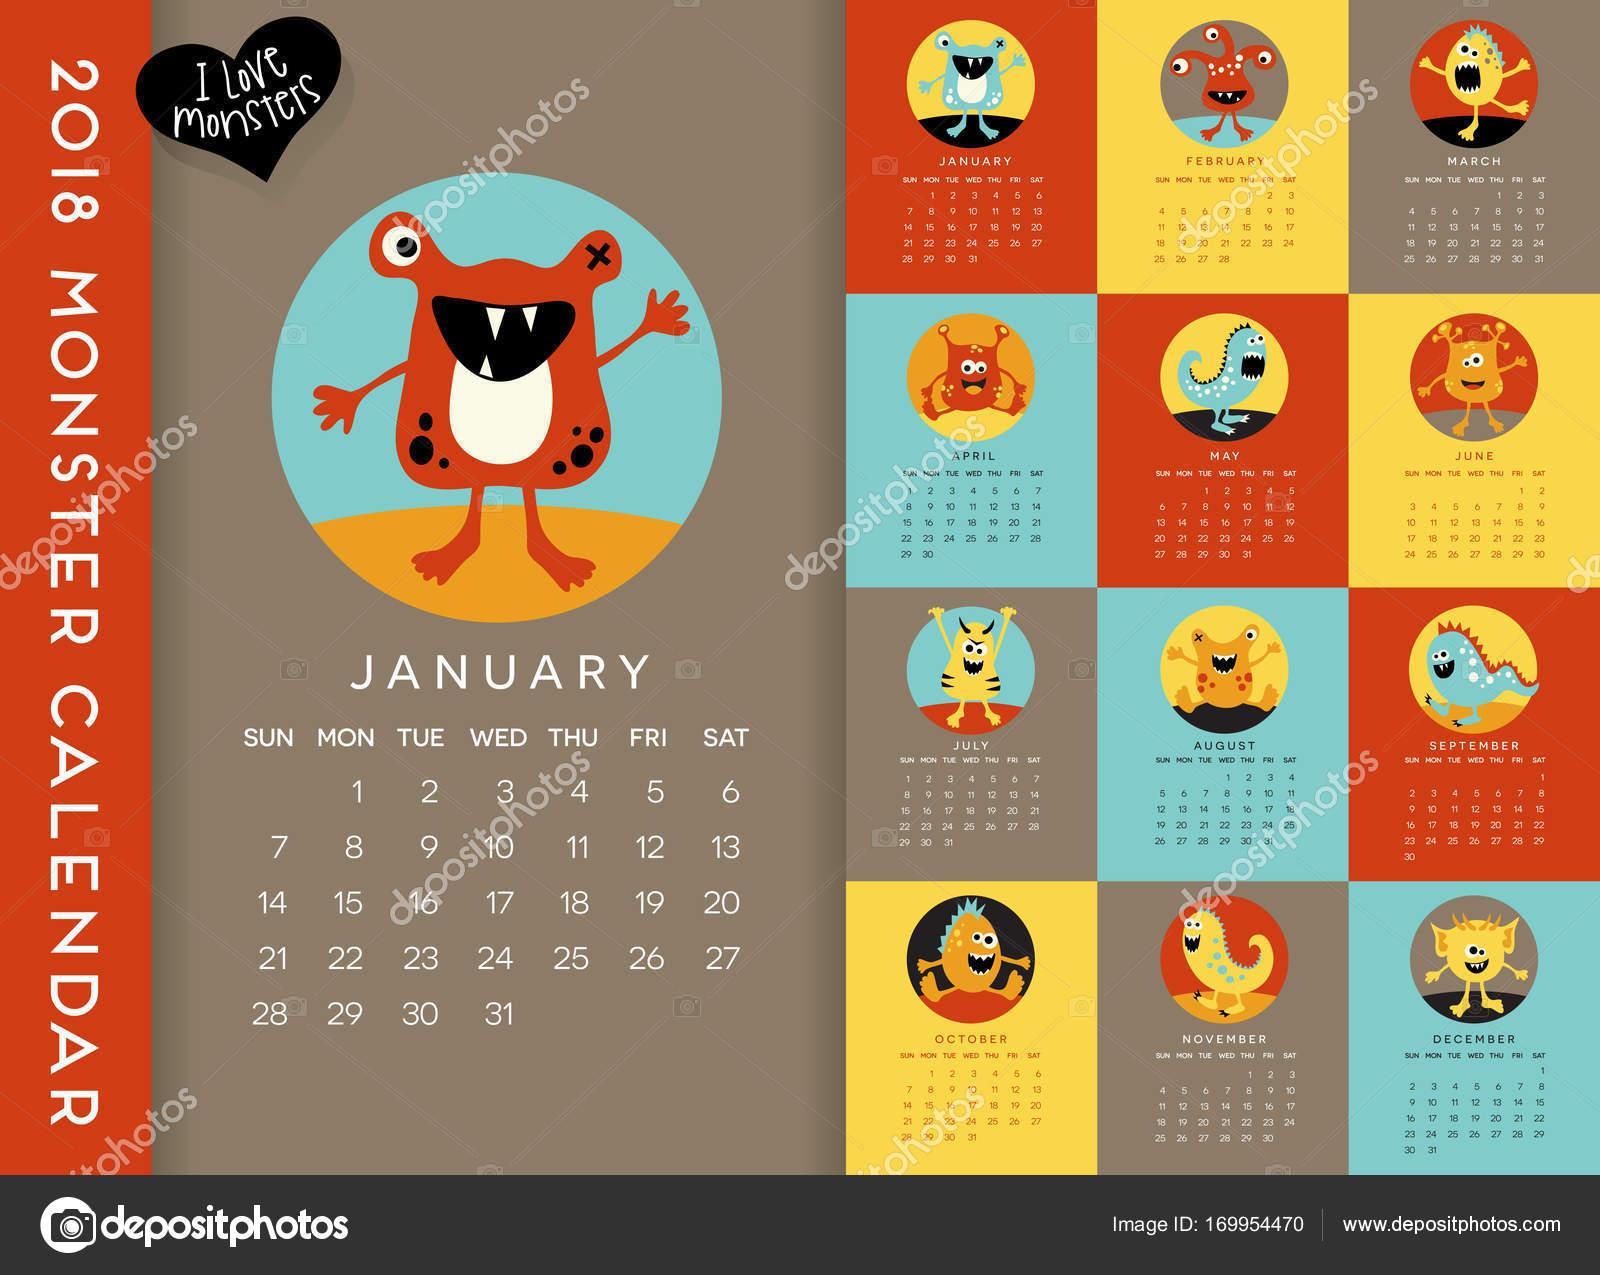 Calendario Illustrato.Colorful 2018 Calendario Illustrato Con Un Mostro Carino Per